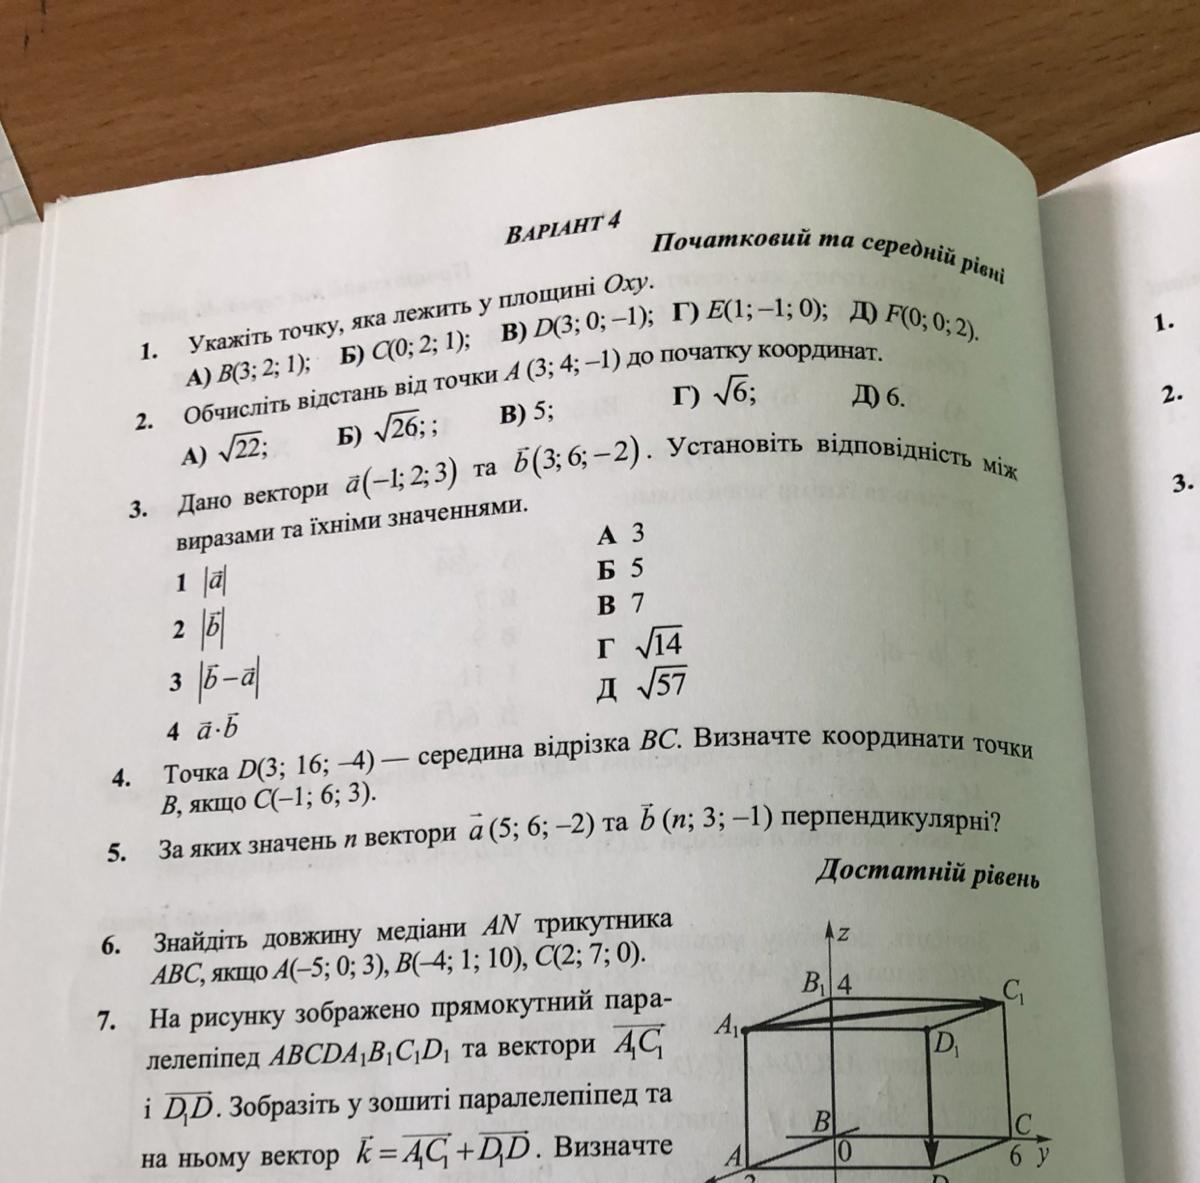 Допоможіть будь ласочка!) дуже потрібно))